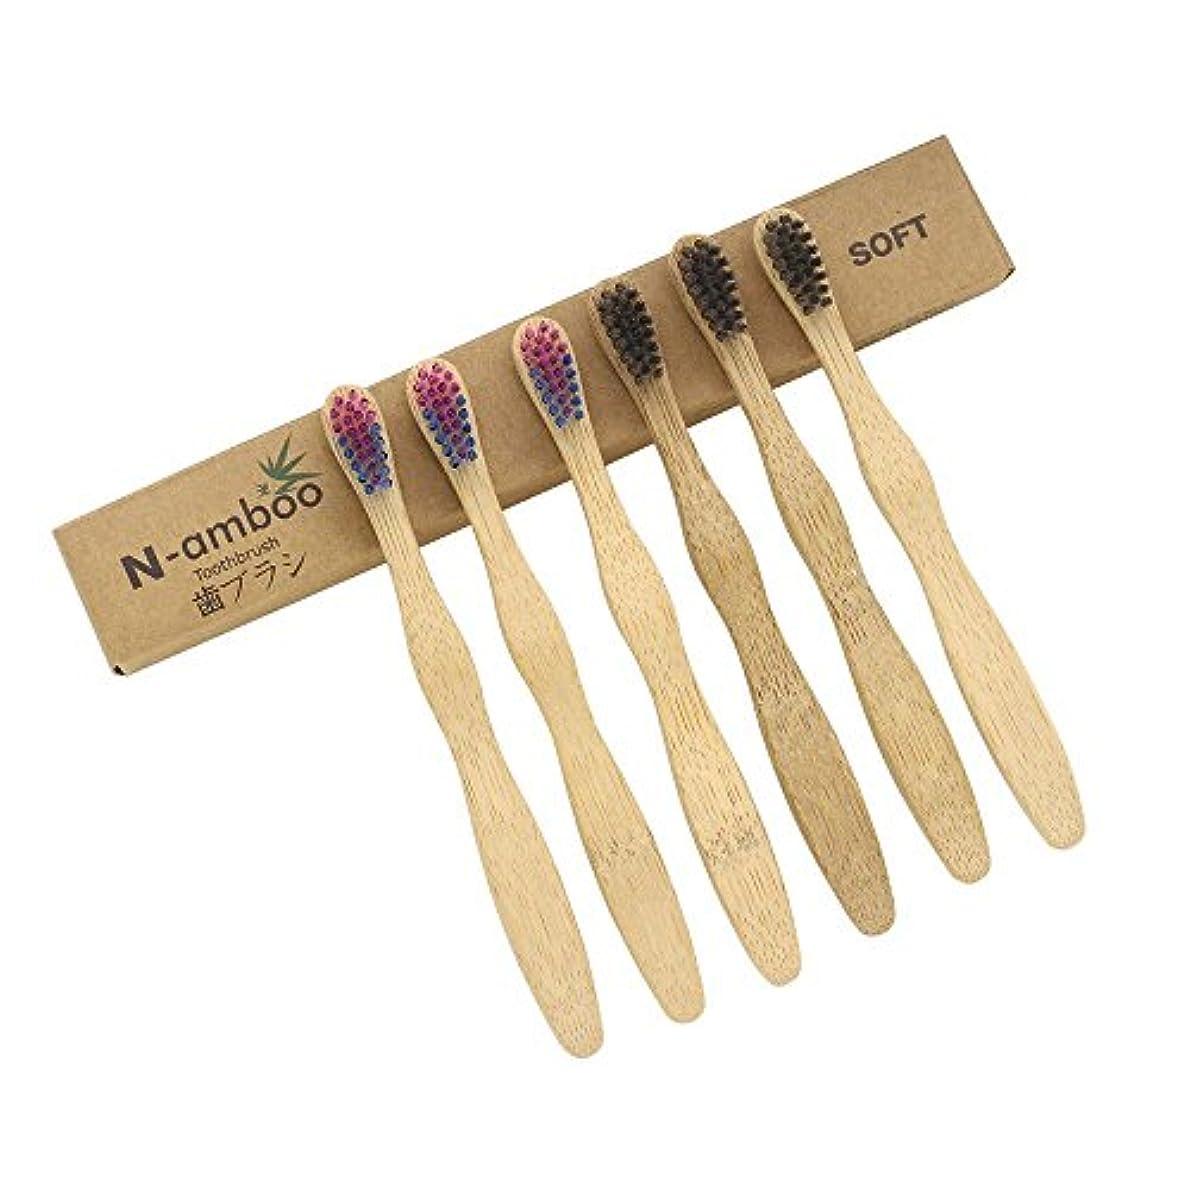 テスピアン銛マガジンN-amboo 竹製耐久度高い 子供 歯ブラシ エコ 6本入り セット 黒と紫